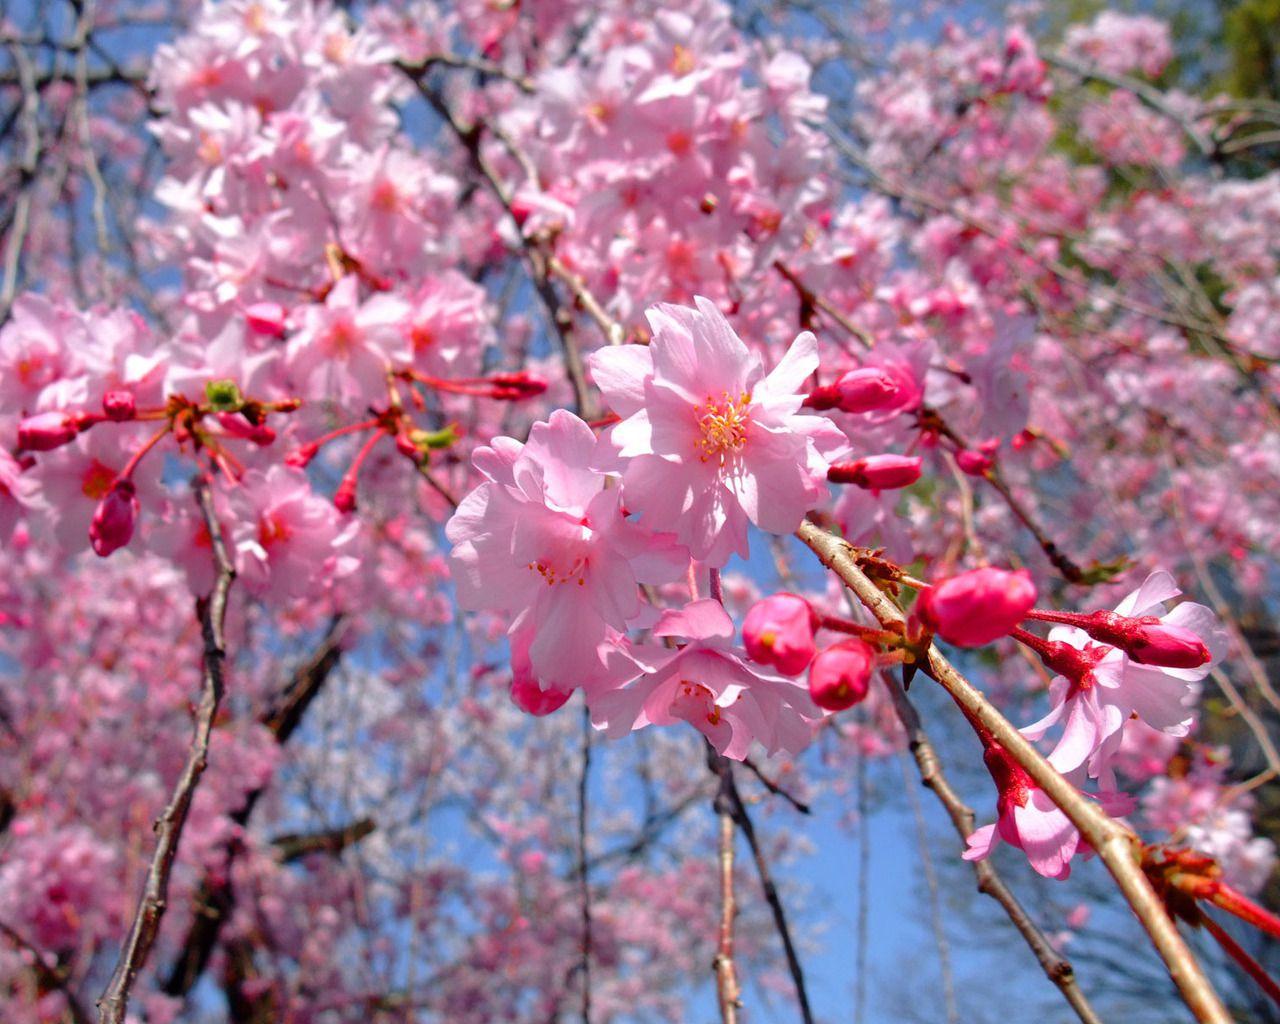 Деревья в розовом цвету на фото - Природа и города - фото и панорамы.